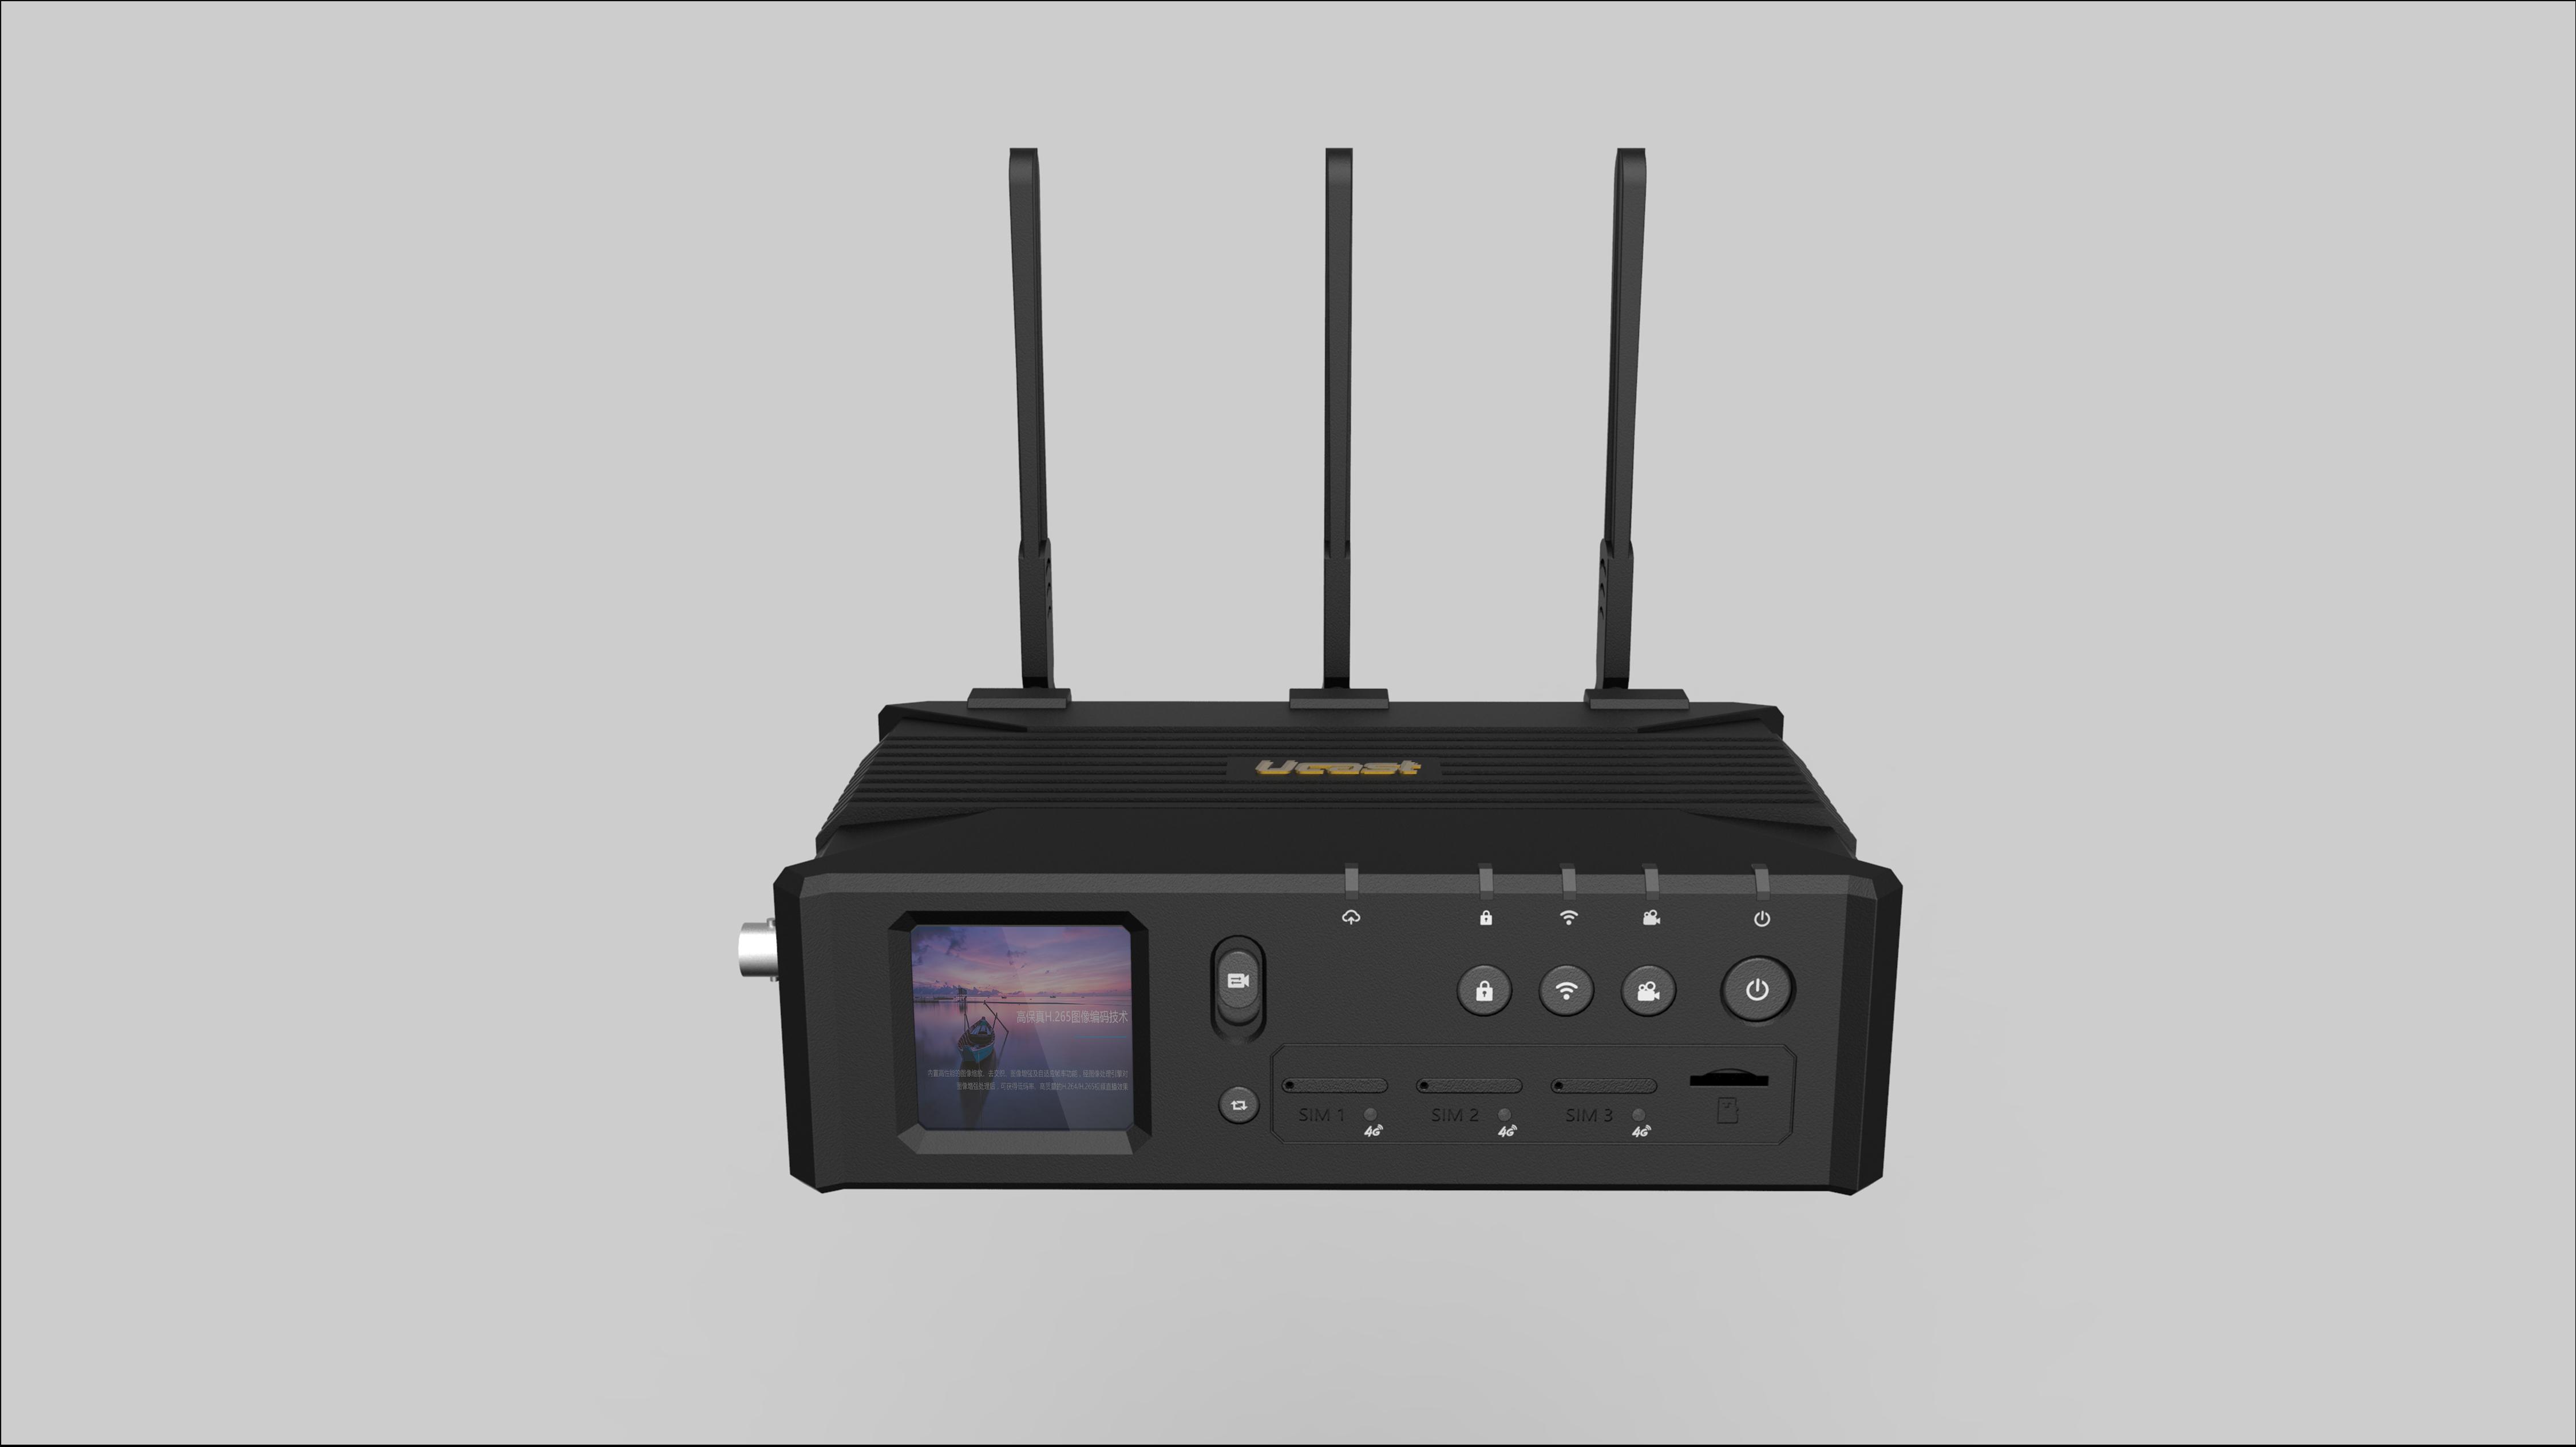 Ucast Q8聚合直播编码器